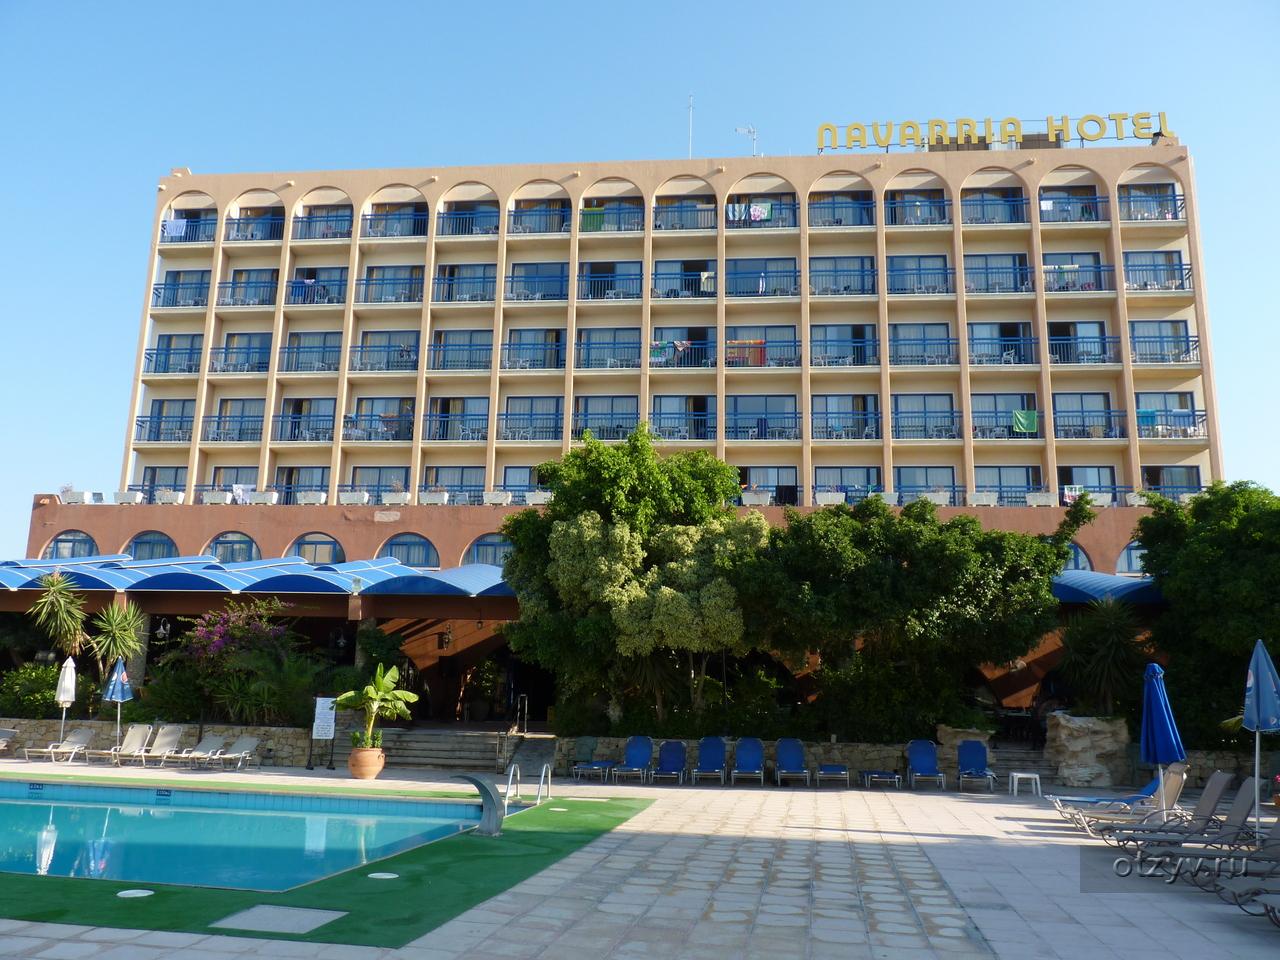 Кипр лимассол отель навария фото